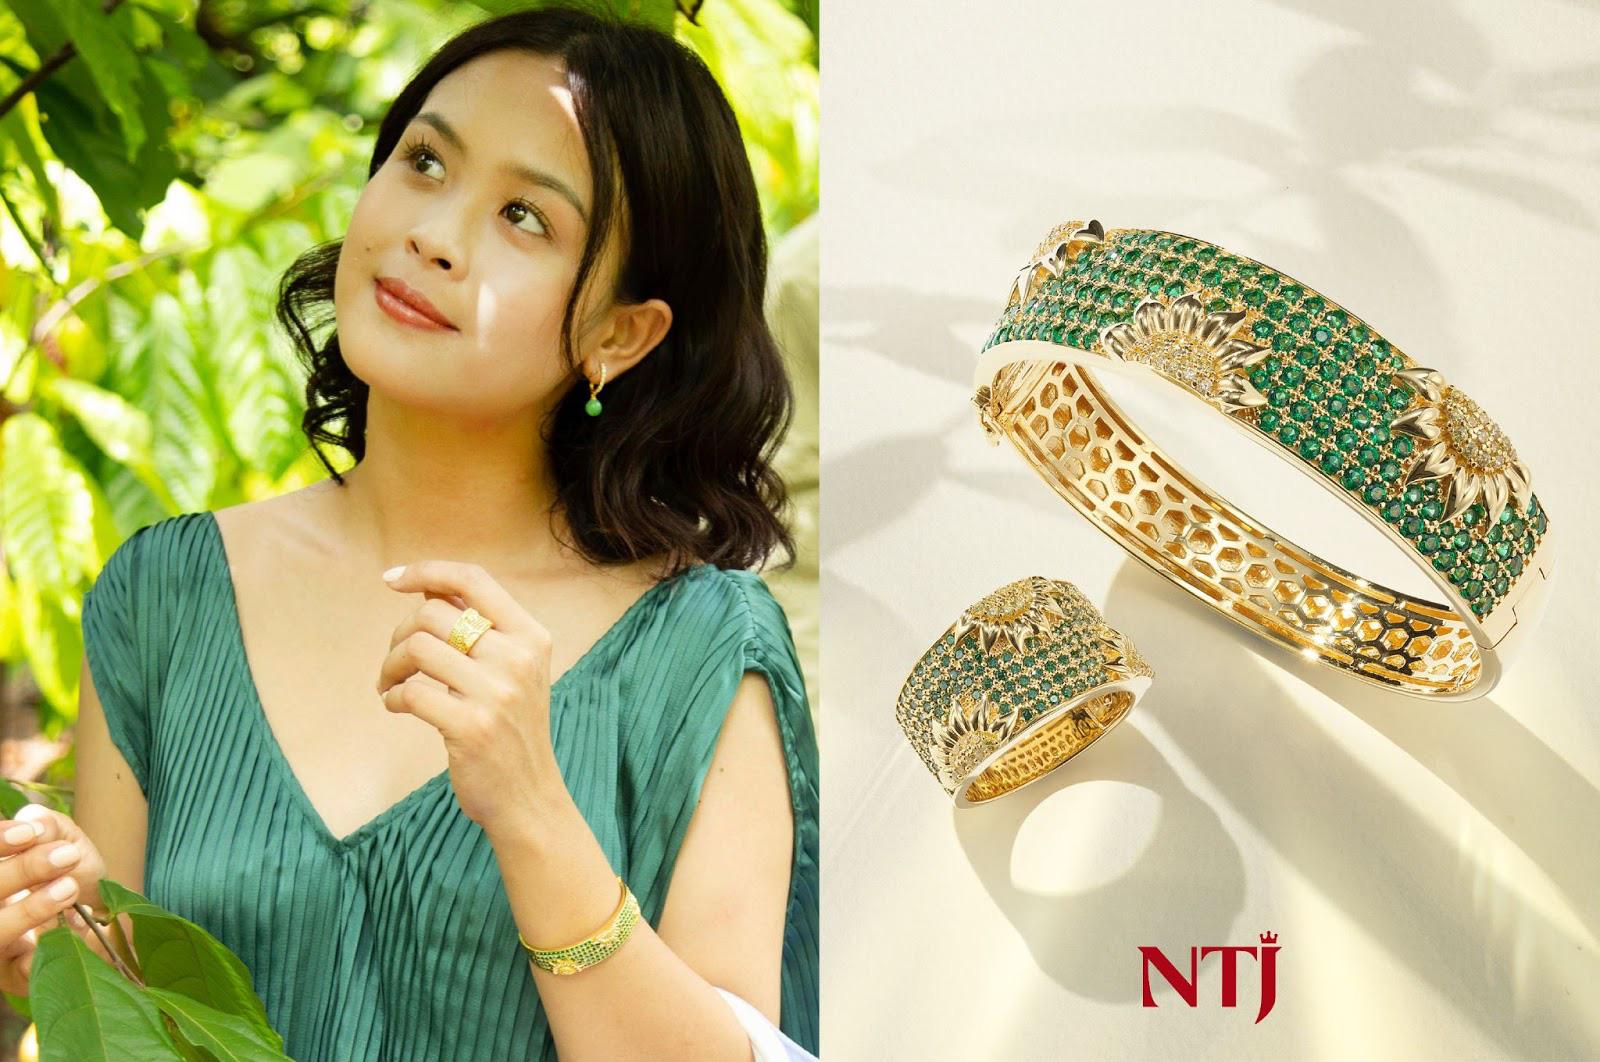 Ngọc Thẩm Jewelry trình làng phim thời trang đậm dấu ấn miền Tây Nam Bộ - Ảnh 5.